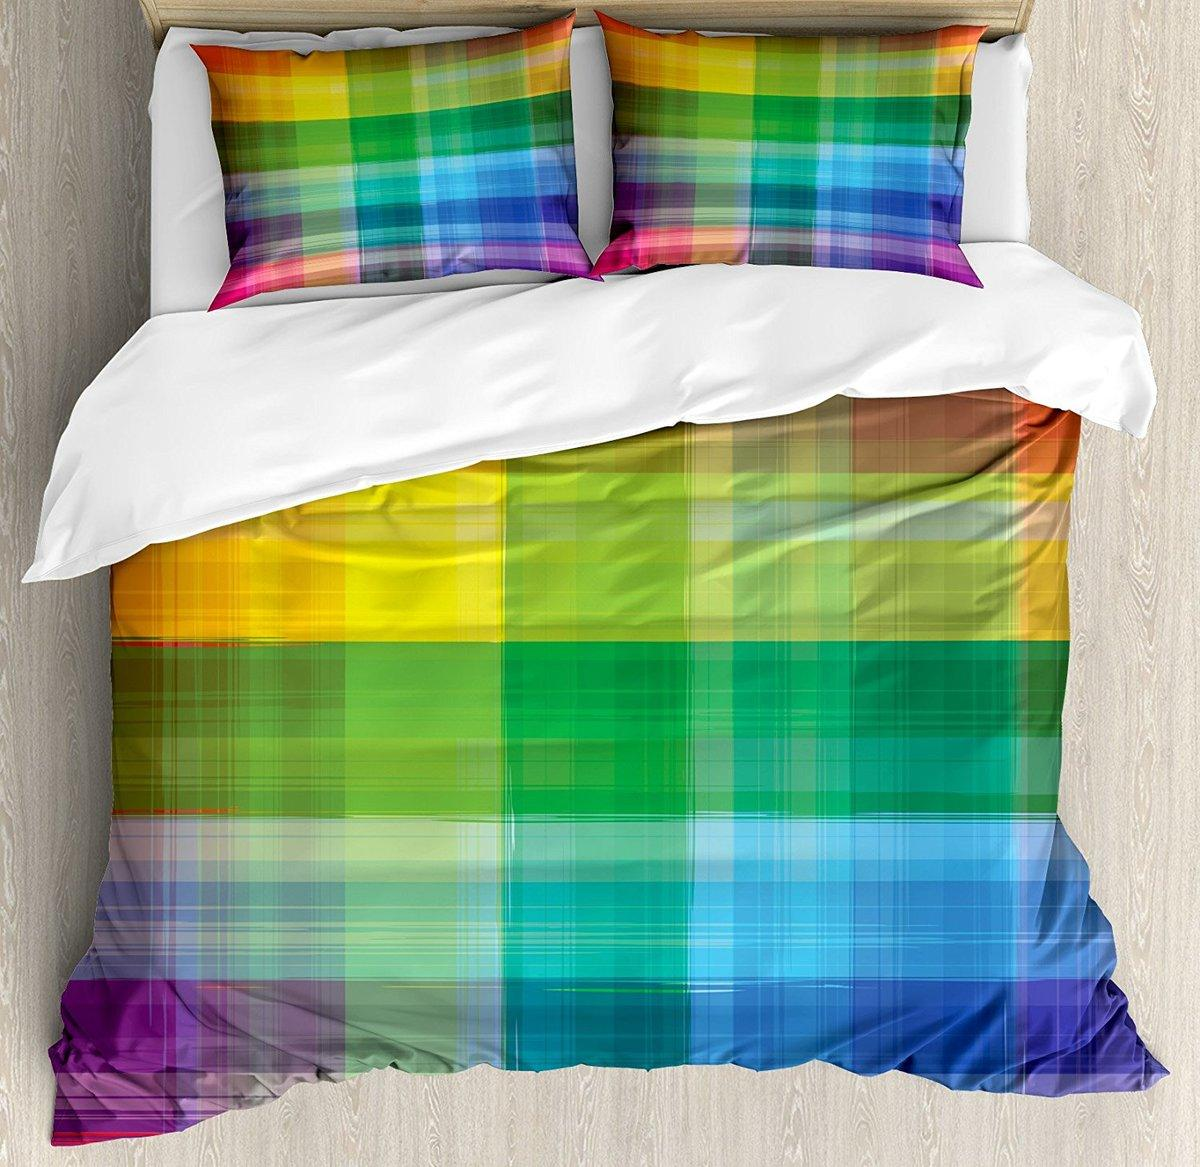 bettdecken farbig bettw sche wolf kopfkissen waschen polyester lattenroste billig schlafzimmer. Black Bedroom Furniture Sets. Home Design Ideas